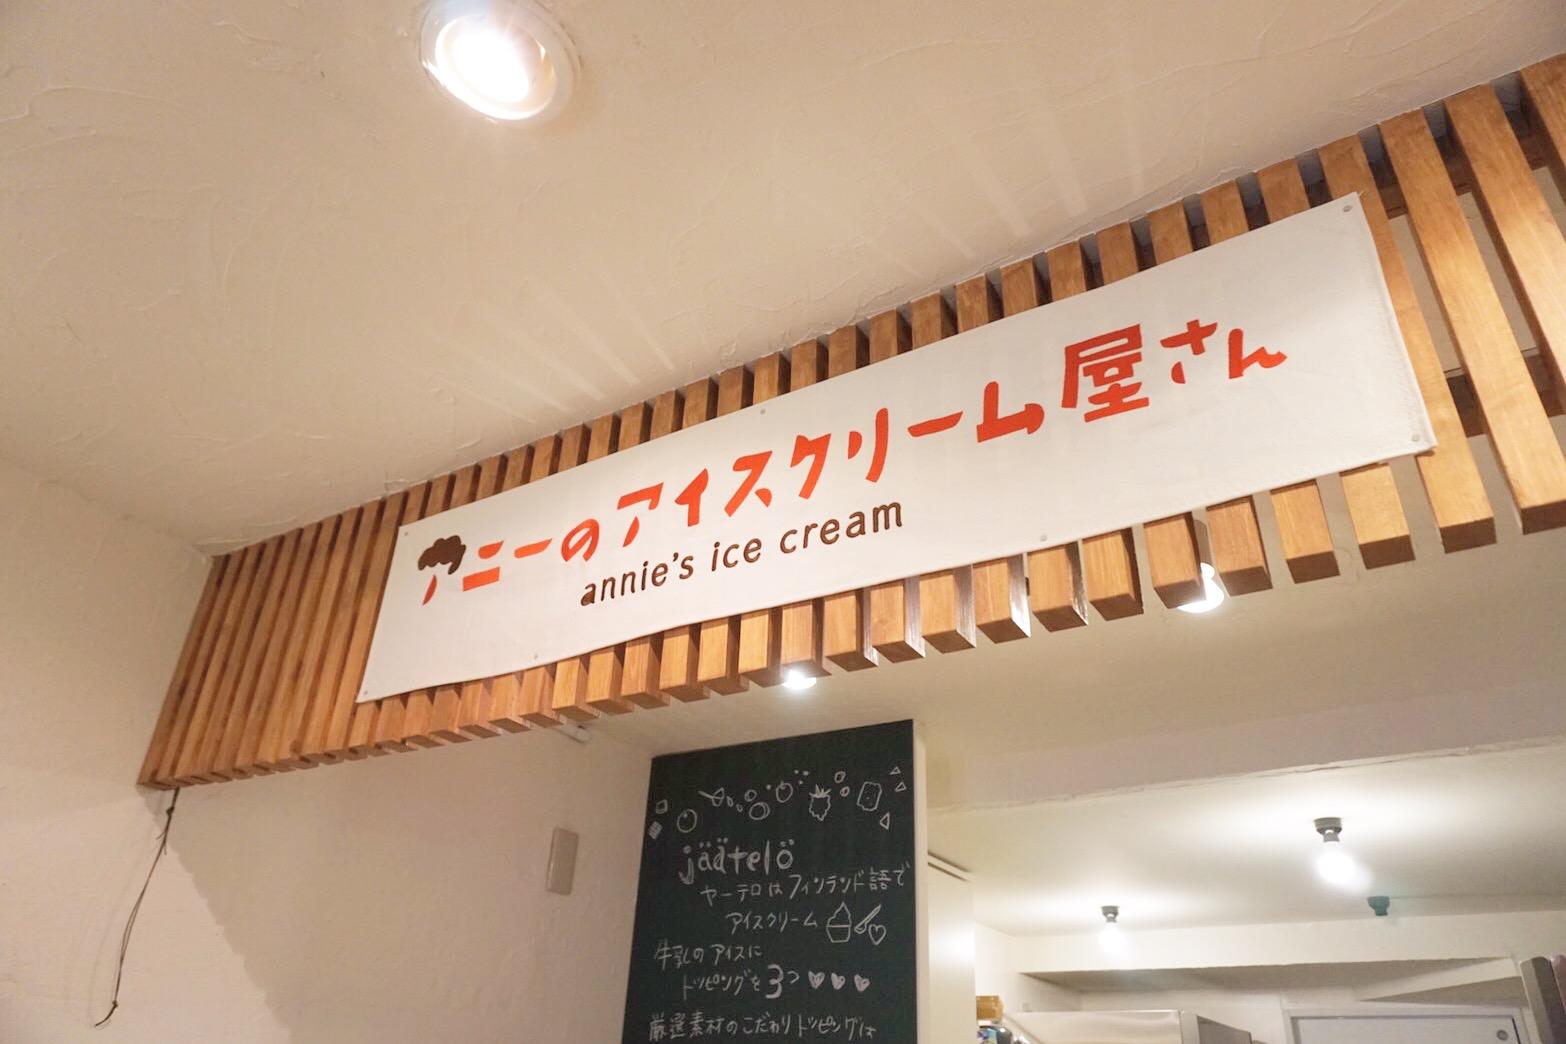 合言葉は「ヤーテロ!」。大須の新店『アニーのアイスクリーム屋さん』に行ってきた - IMG 2928